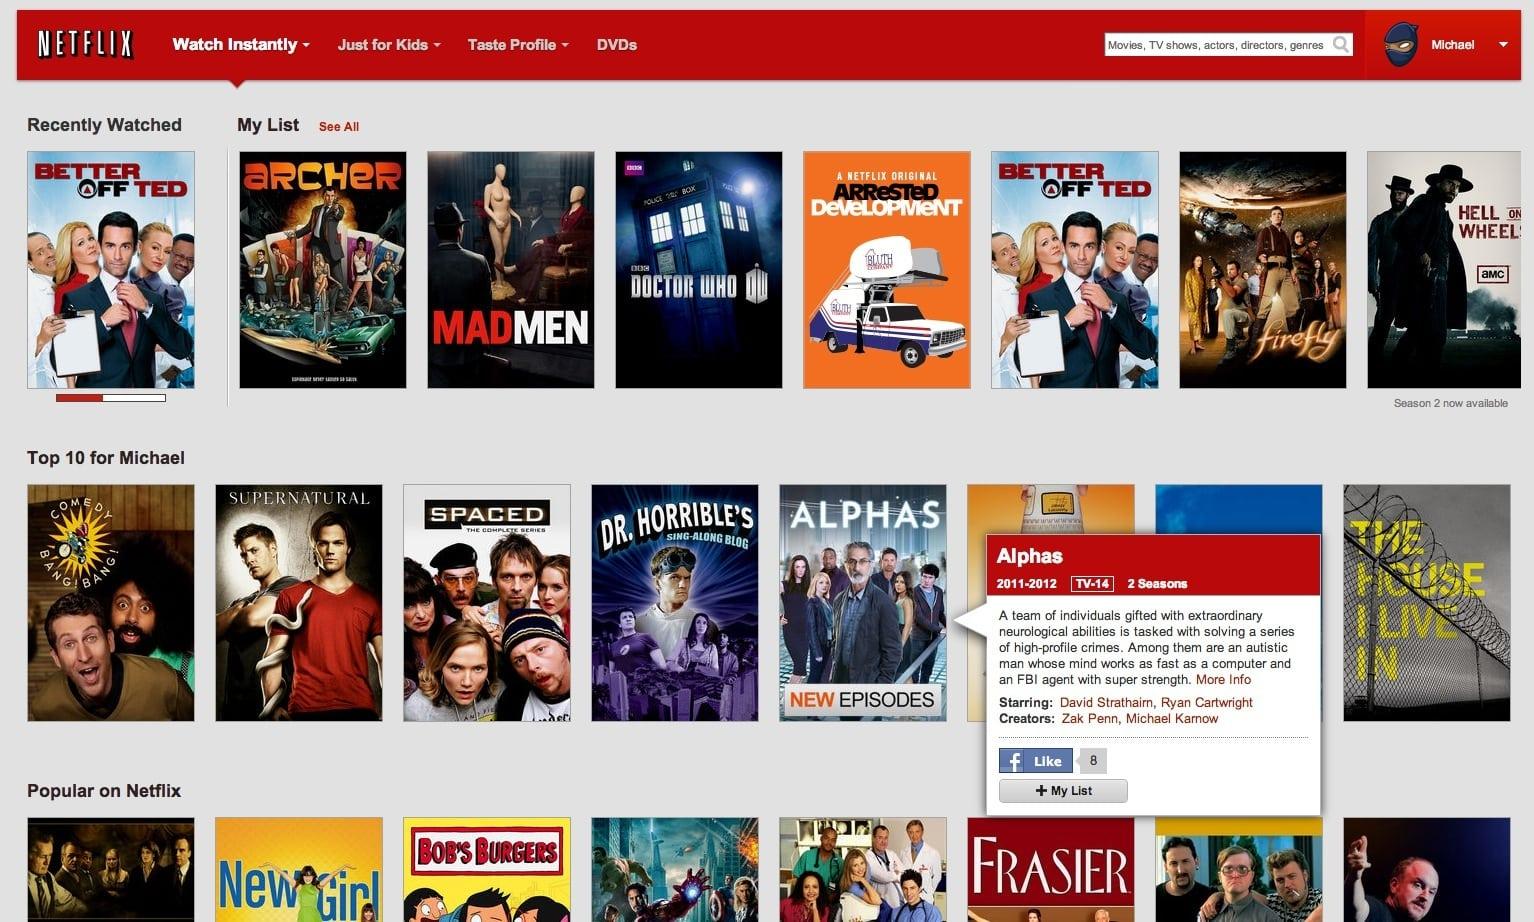 Netflix está pensando en agregar eventos deportivos a sus contenidos, pero alto costo es la principal traba.